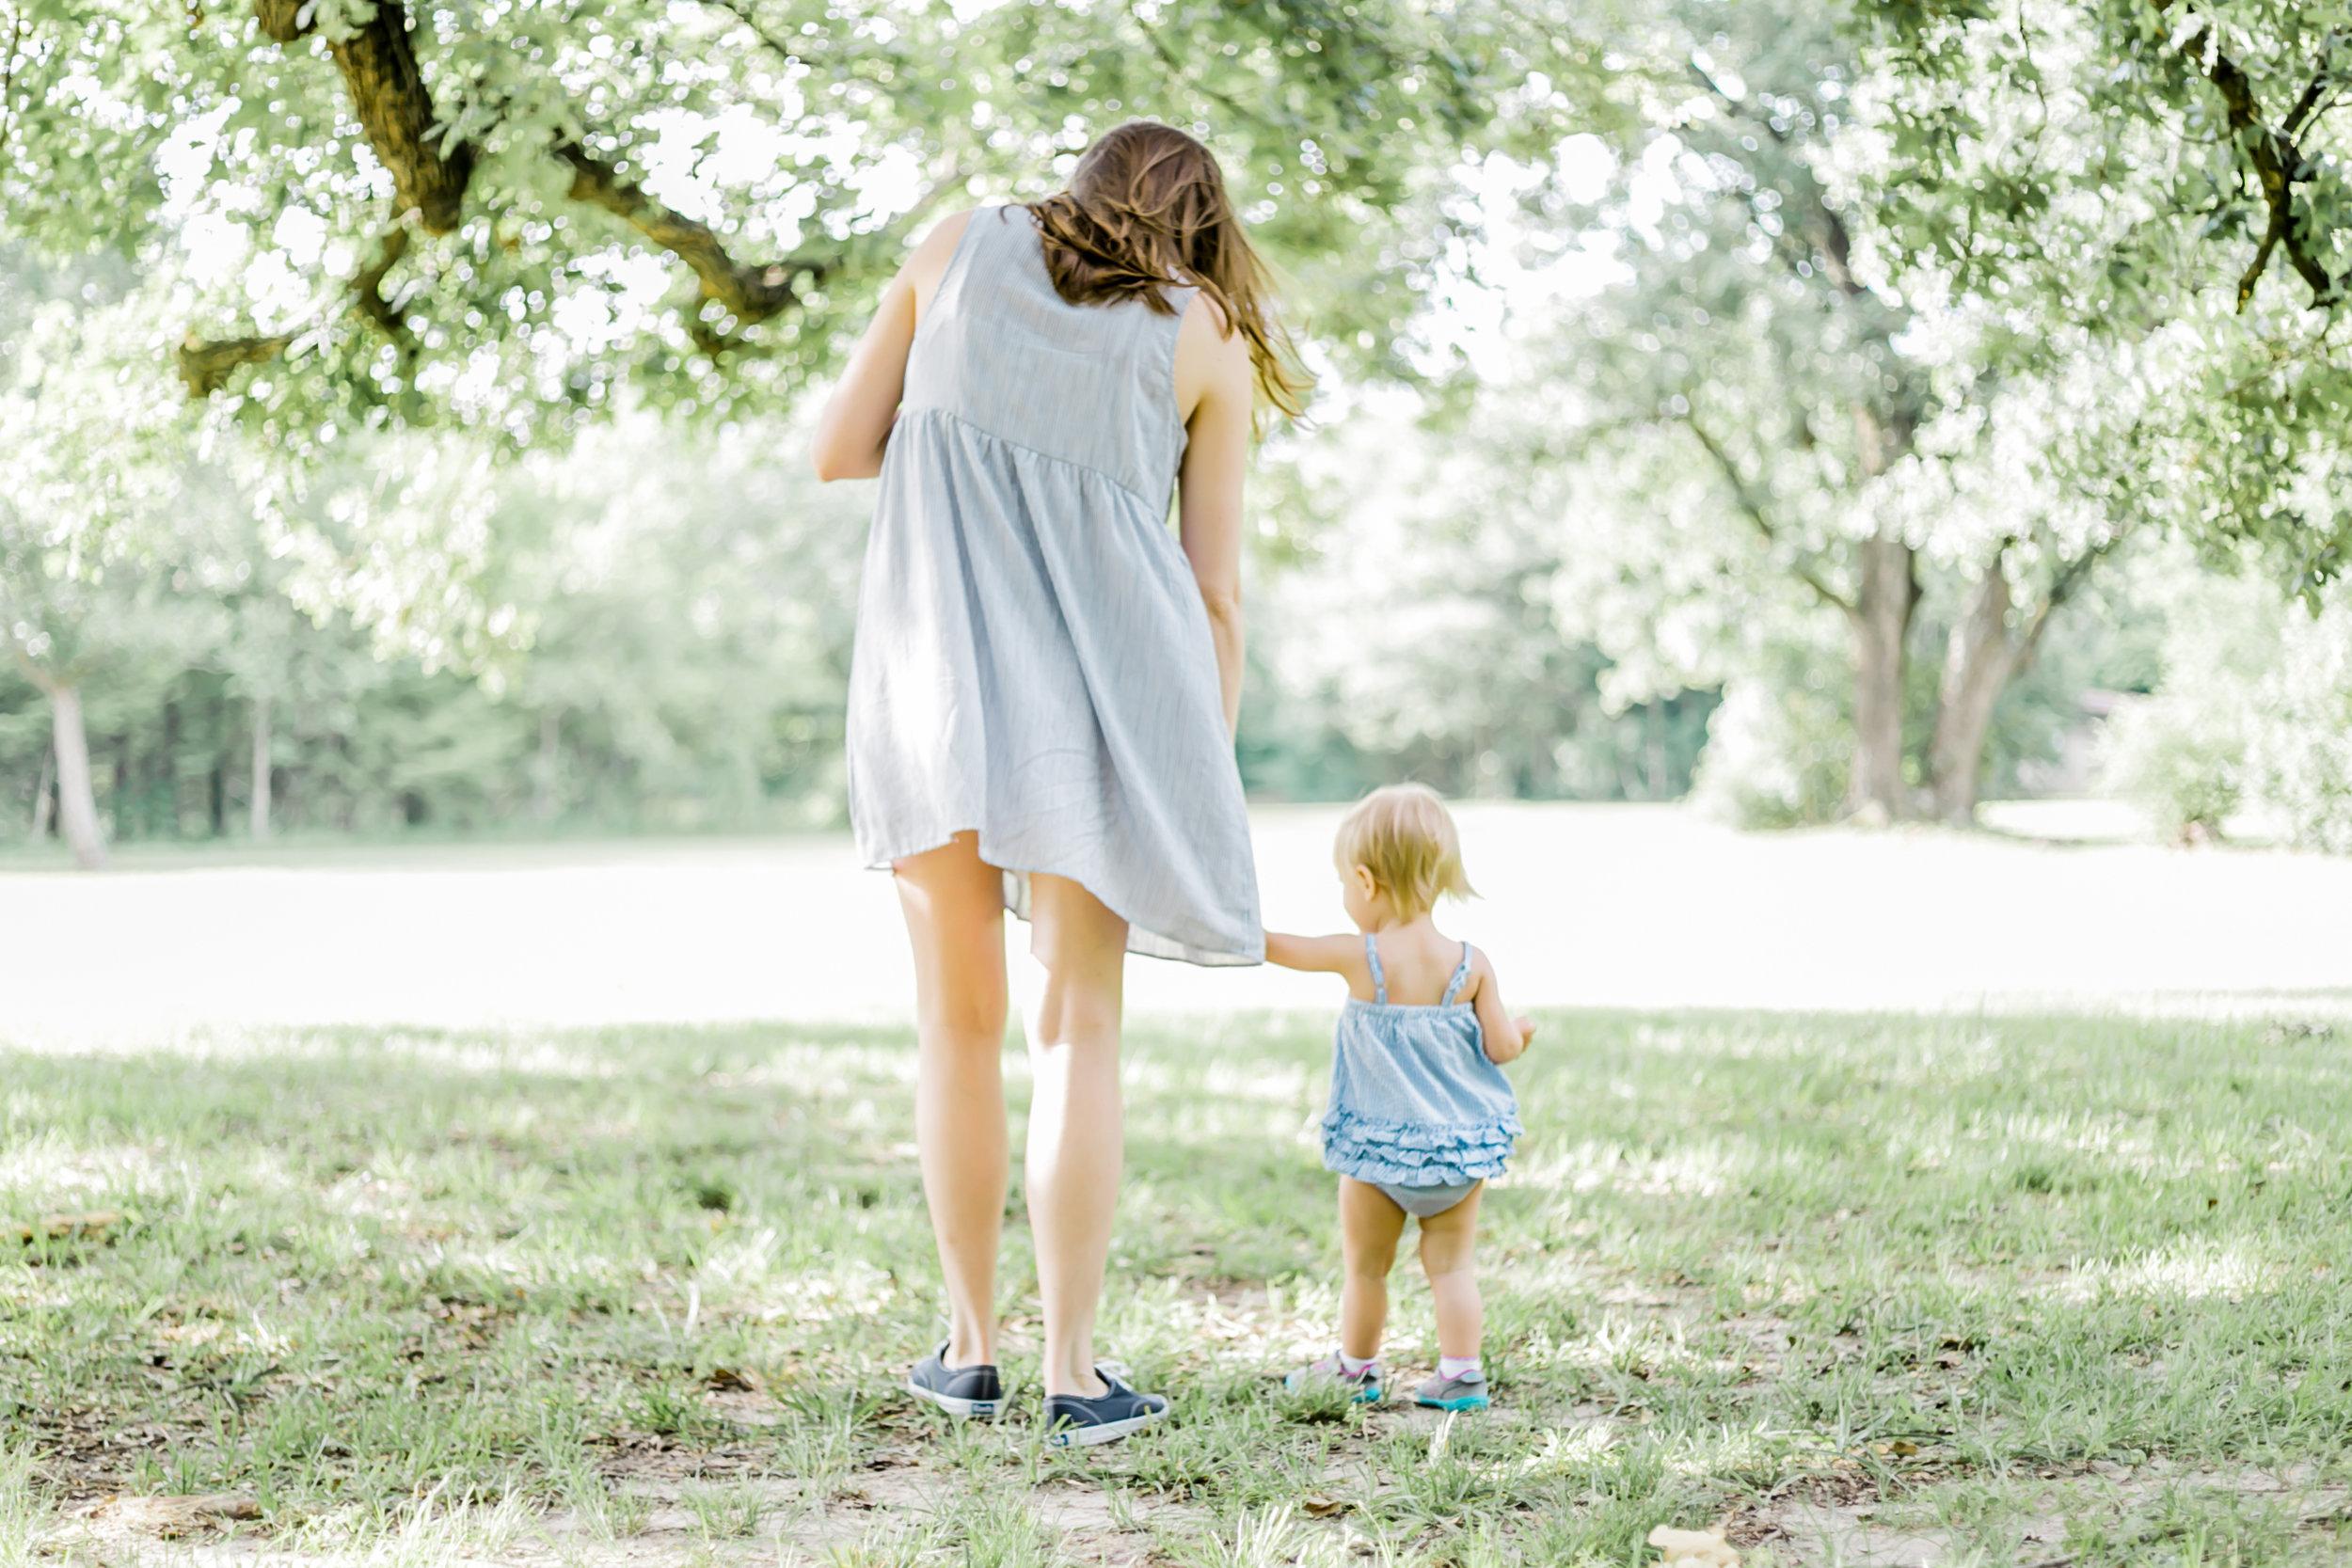 MothersDayMini-Blog-Hoelscher-8.jpg